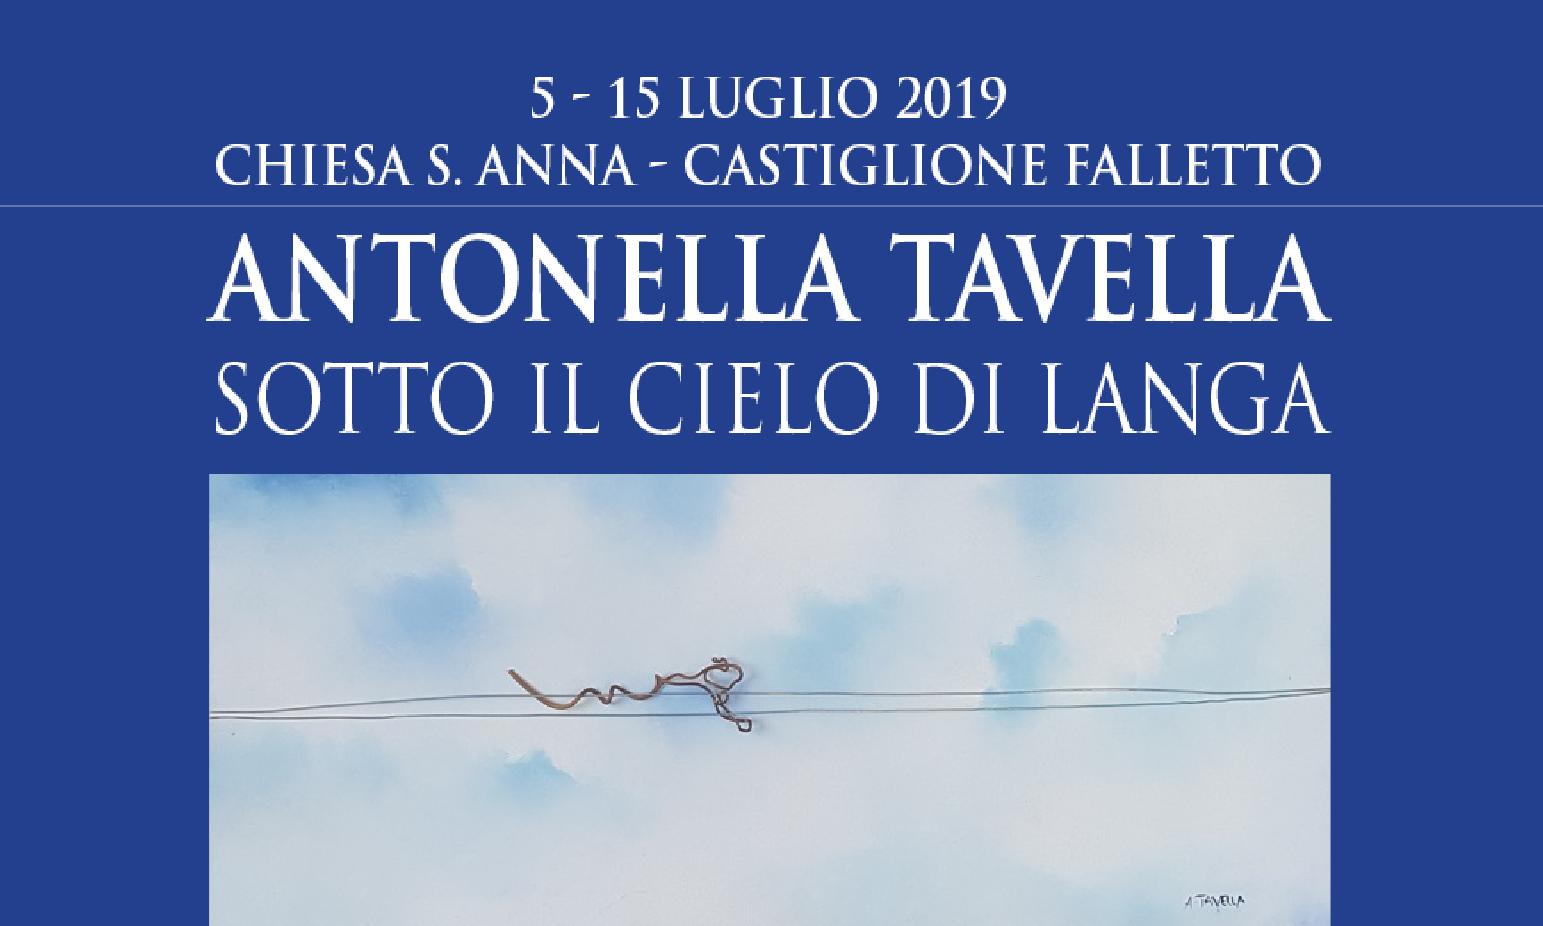 MOSTRA PERSONALE DI ANTONELLA TAVELLA